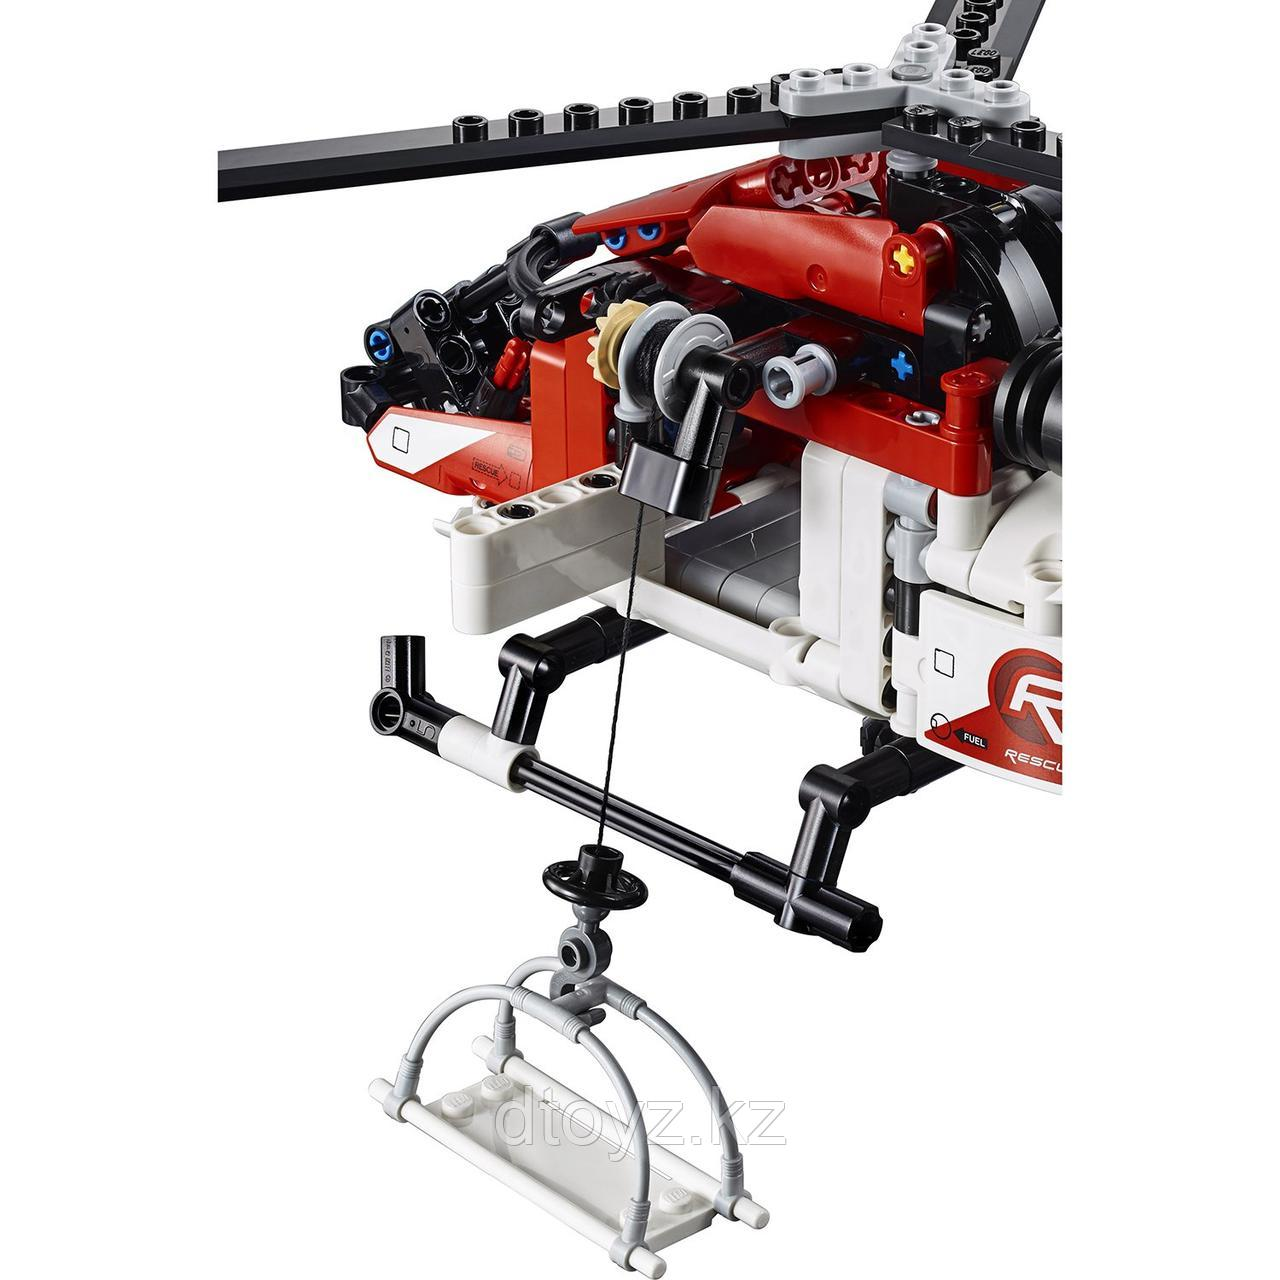 Lego Technic 42092 Спасательный вертолёт, Лего Техник - фото 5